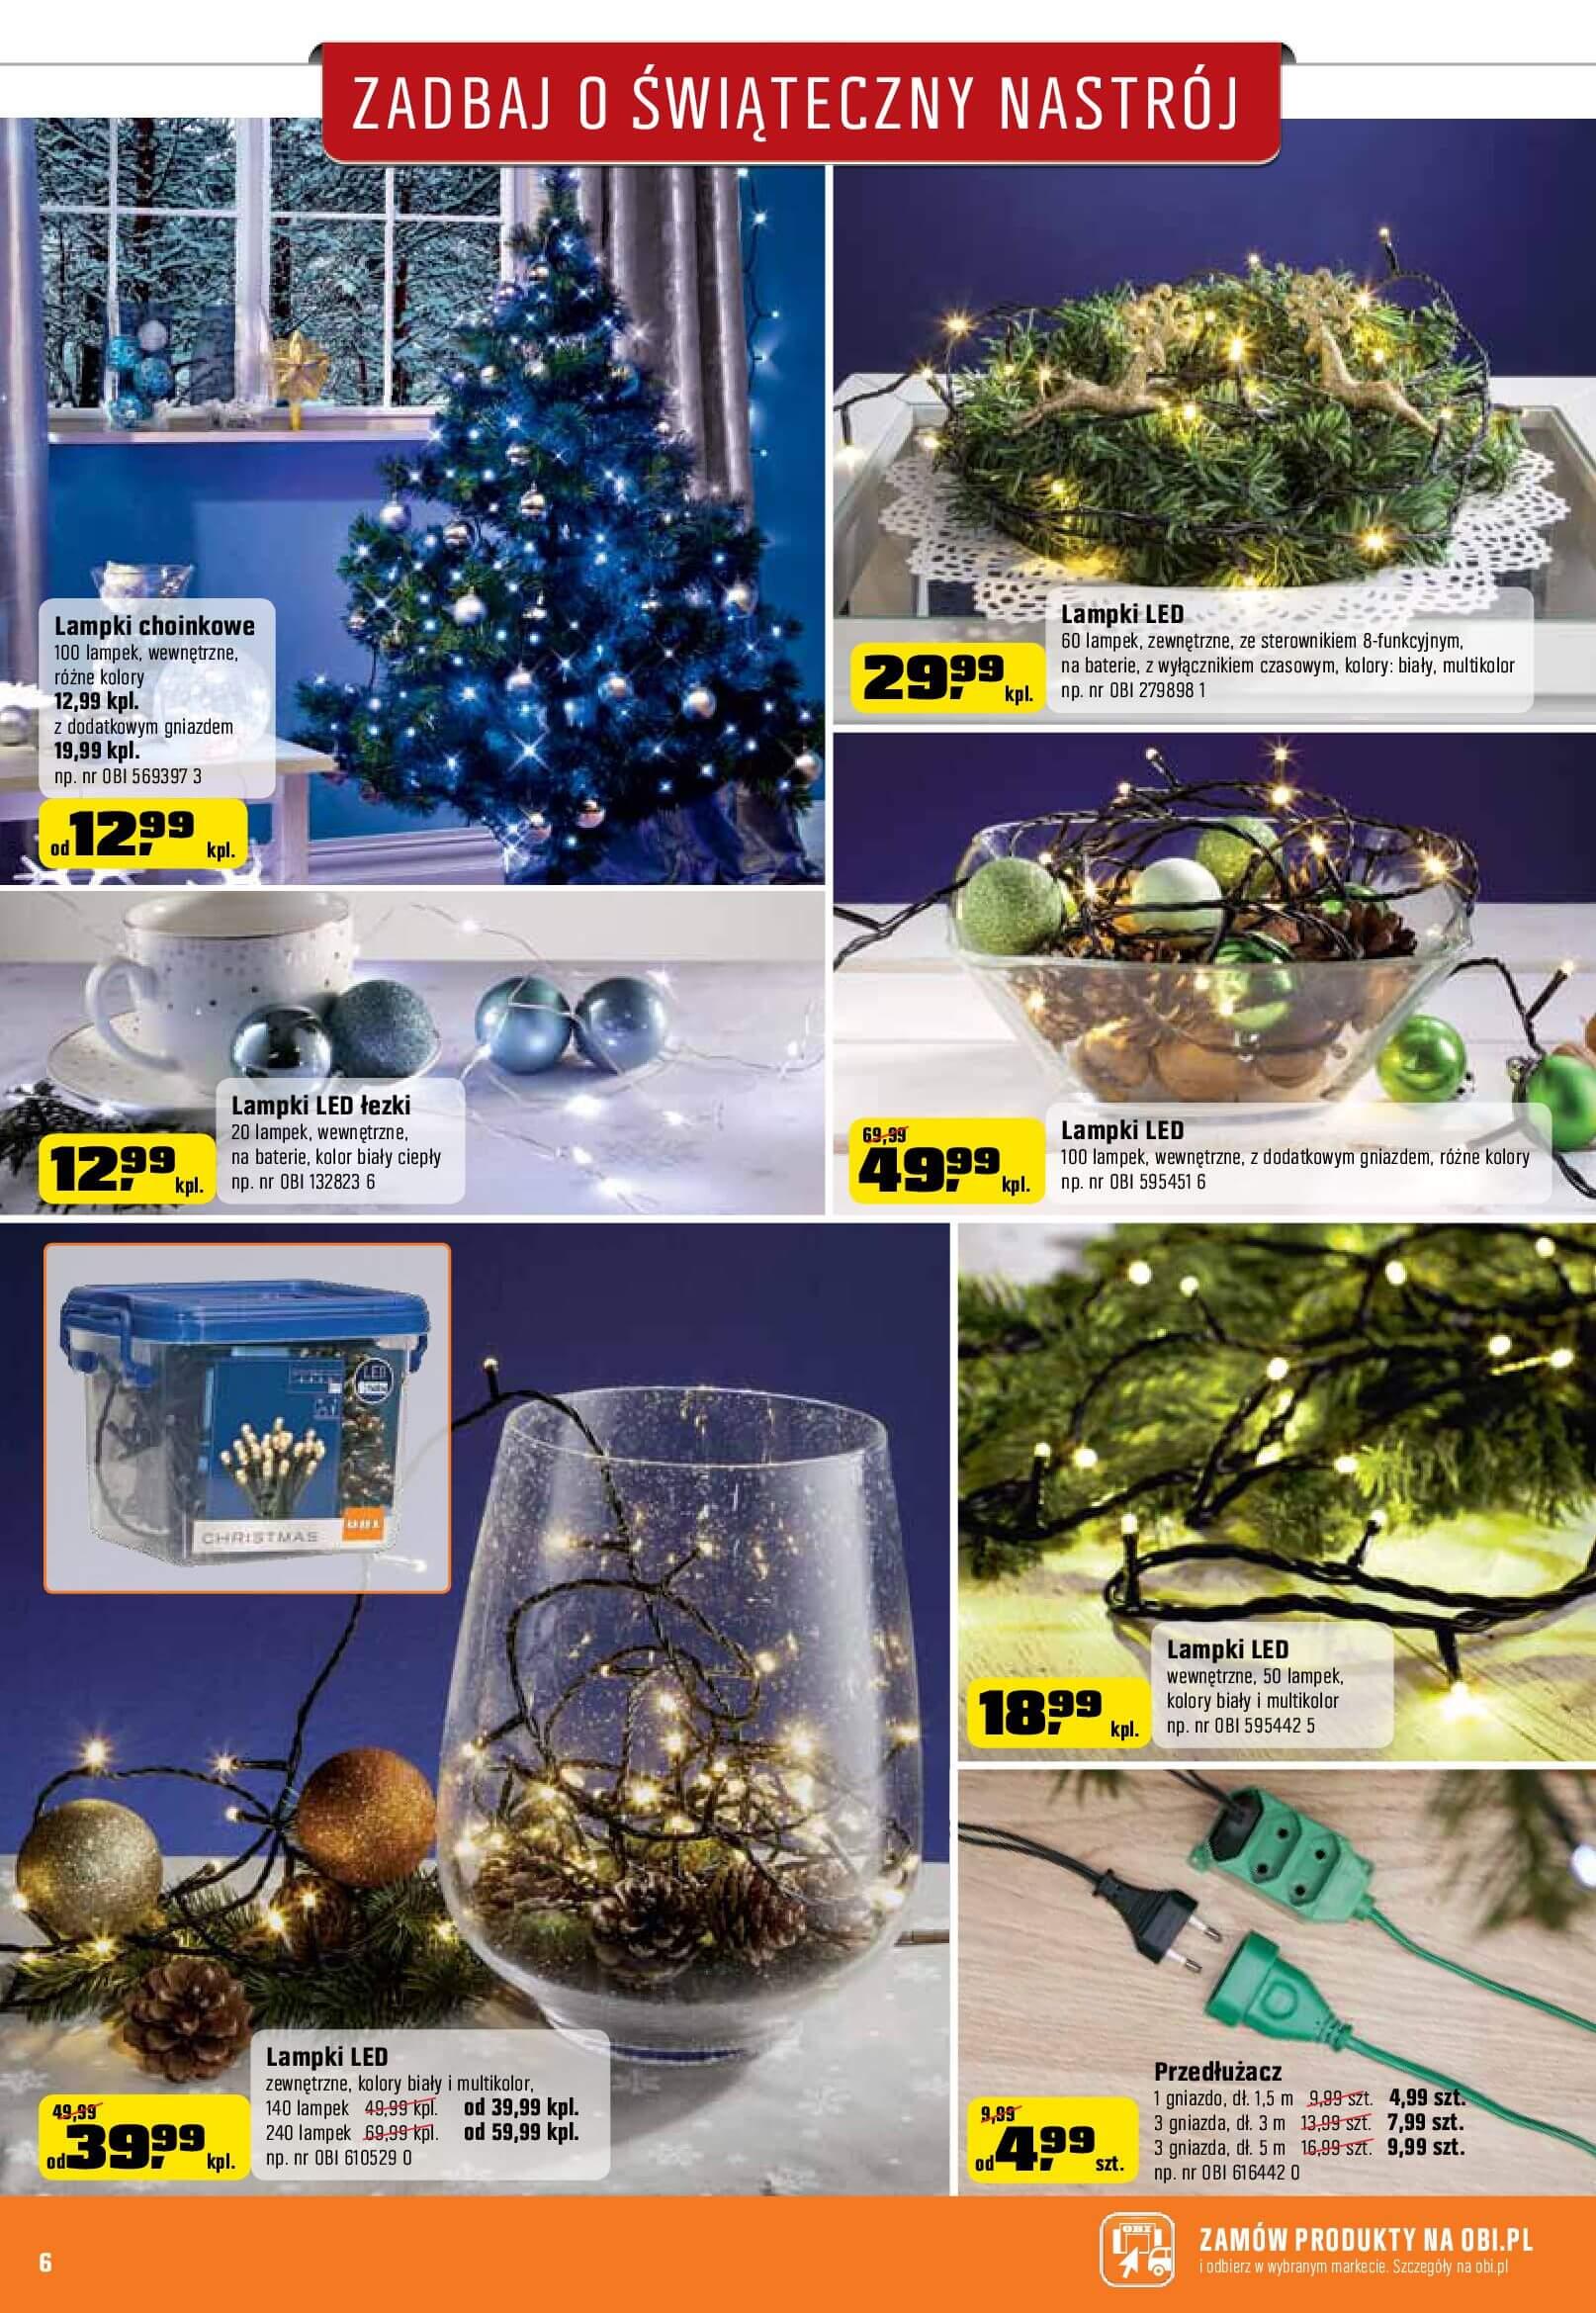 Gazetka OBI - Zadbaj o świąteczny nastrój-2017-12-06-2018-01-02-page-6